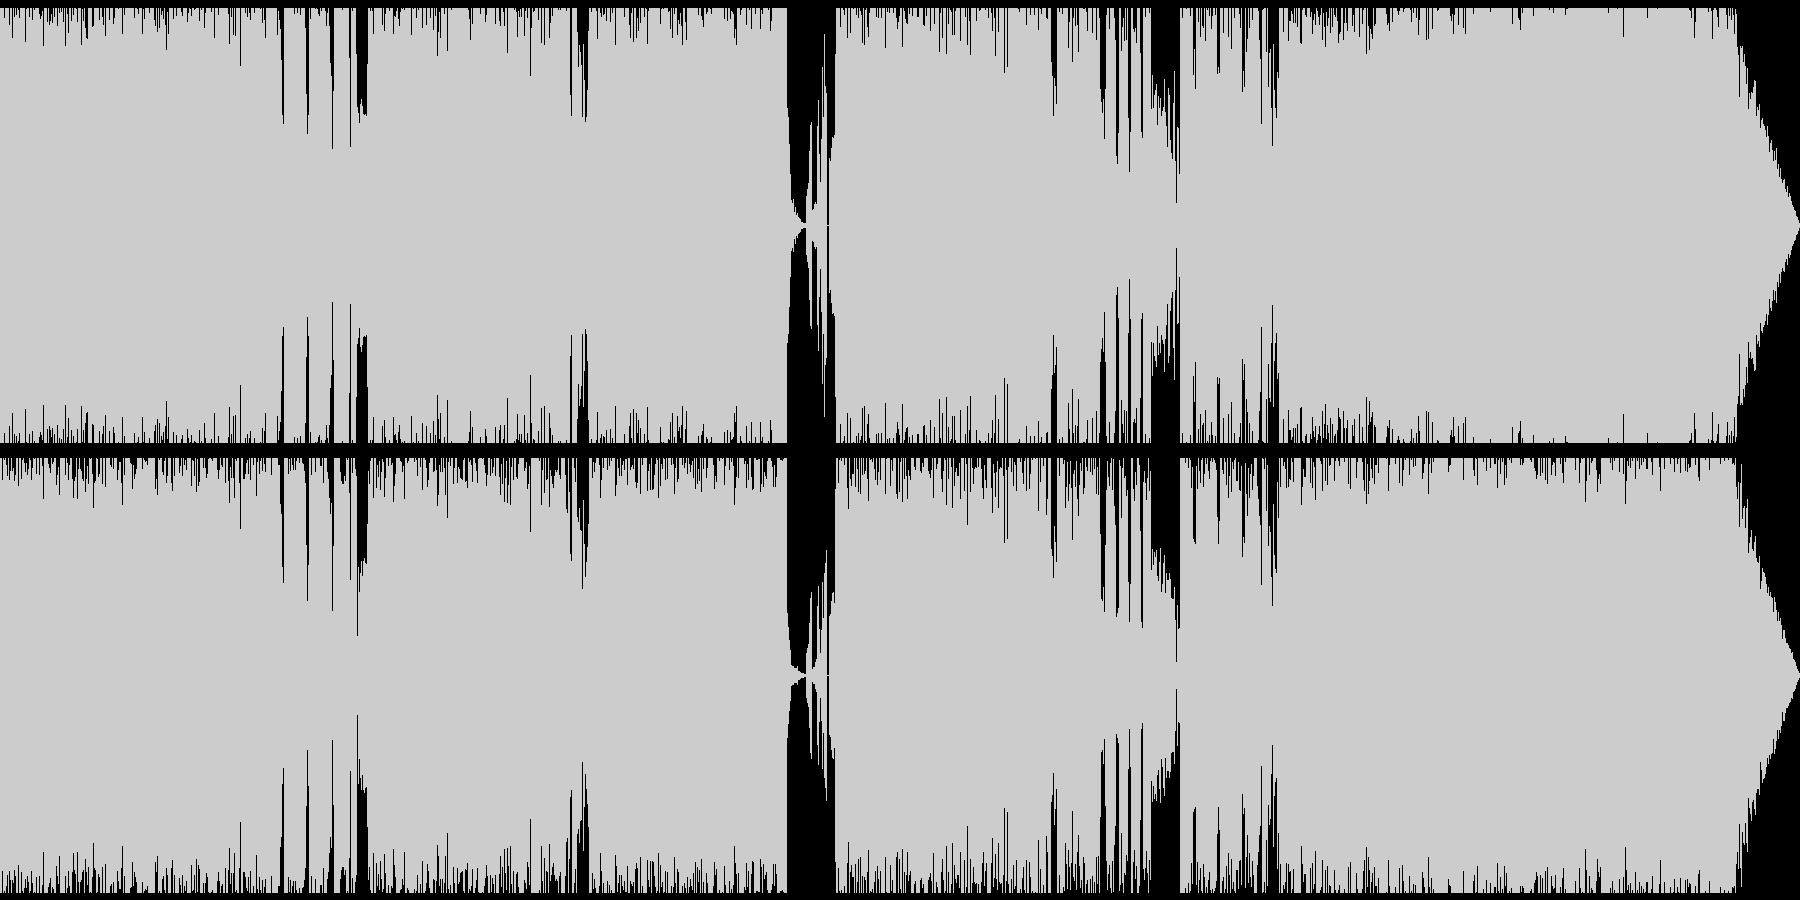 ノイジーなオルタナミディアムロックの未再生の波形